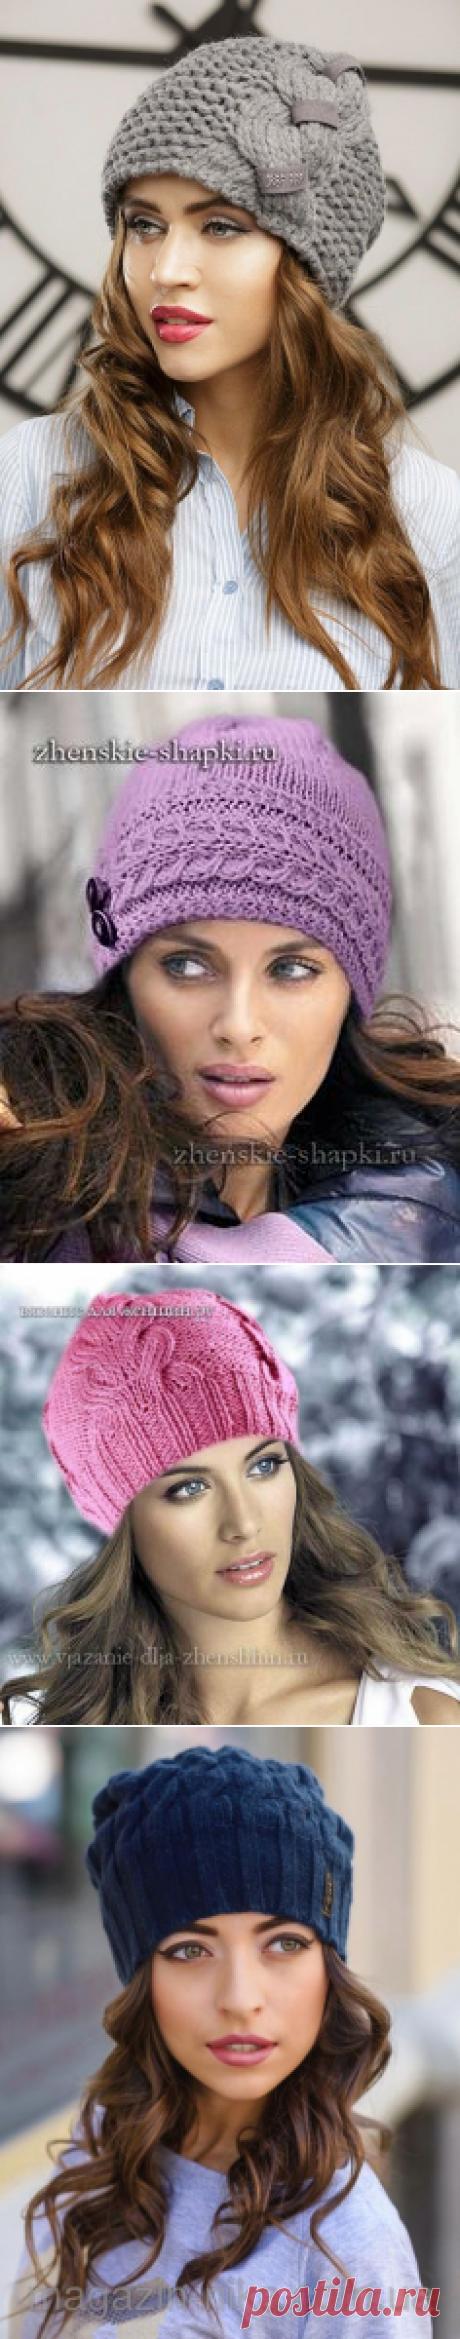 Вязаные шапки фото идеи | Что на голову?